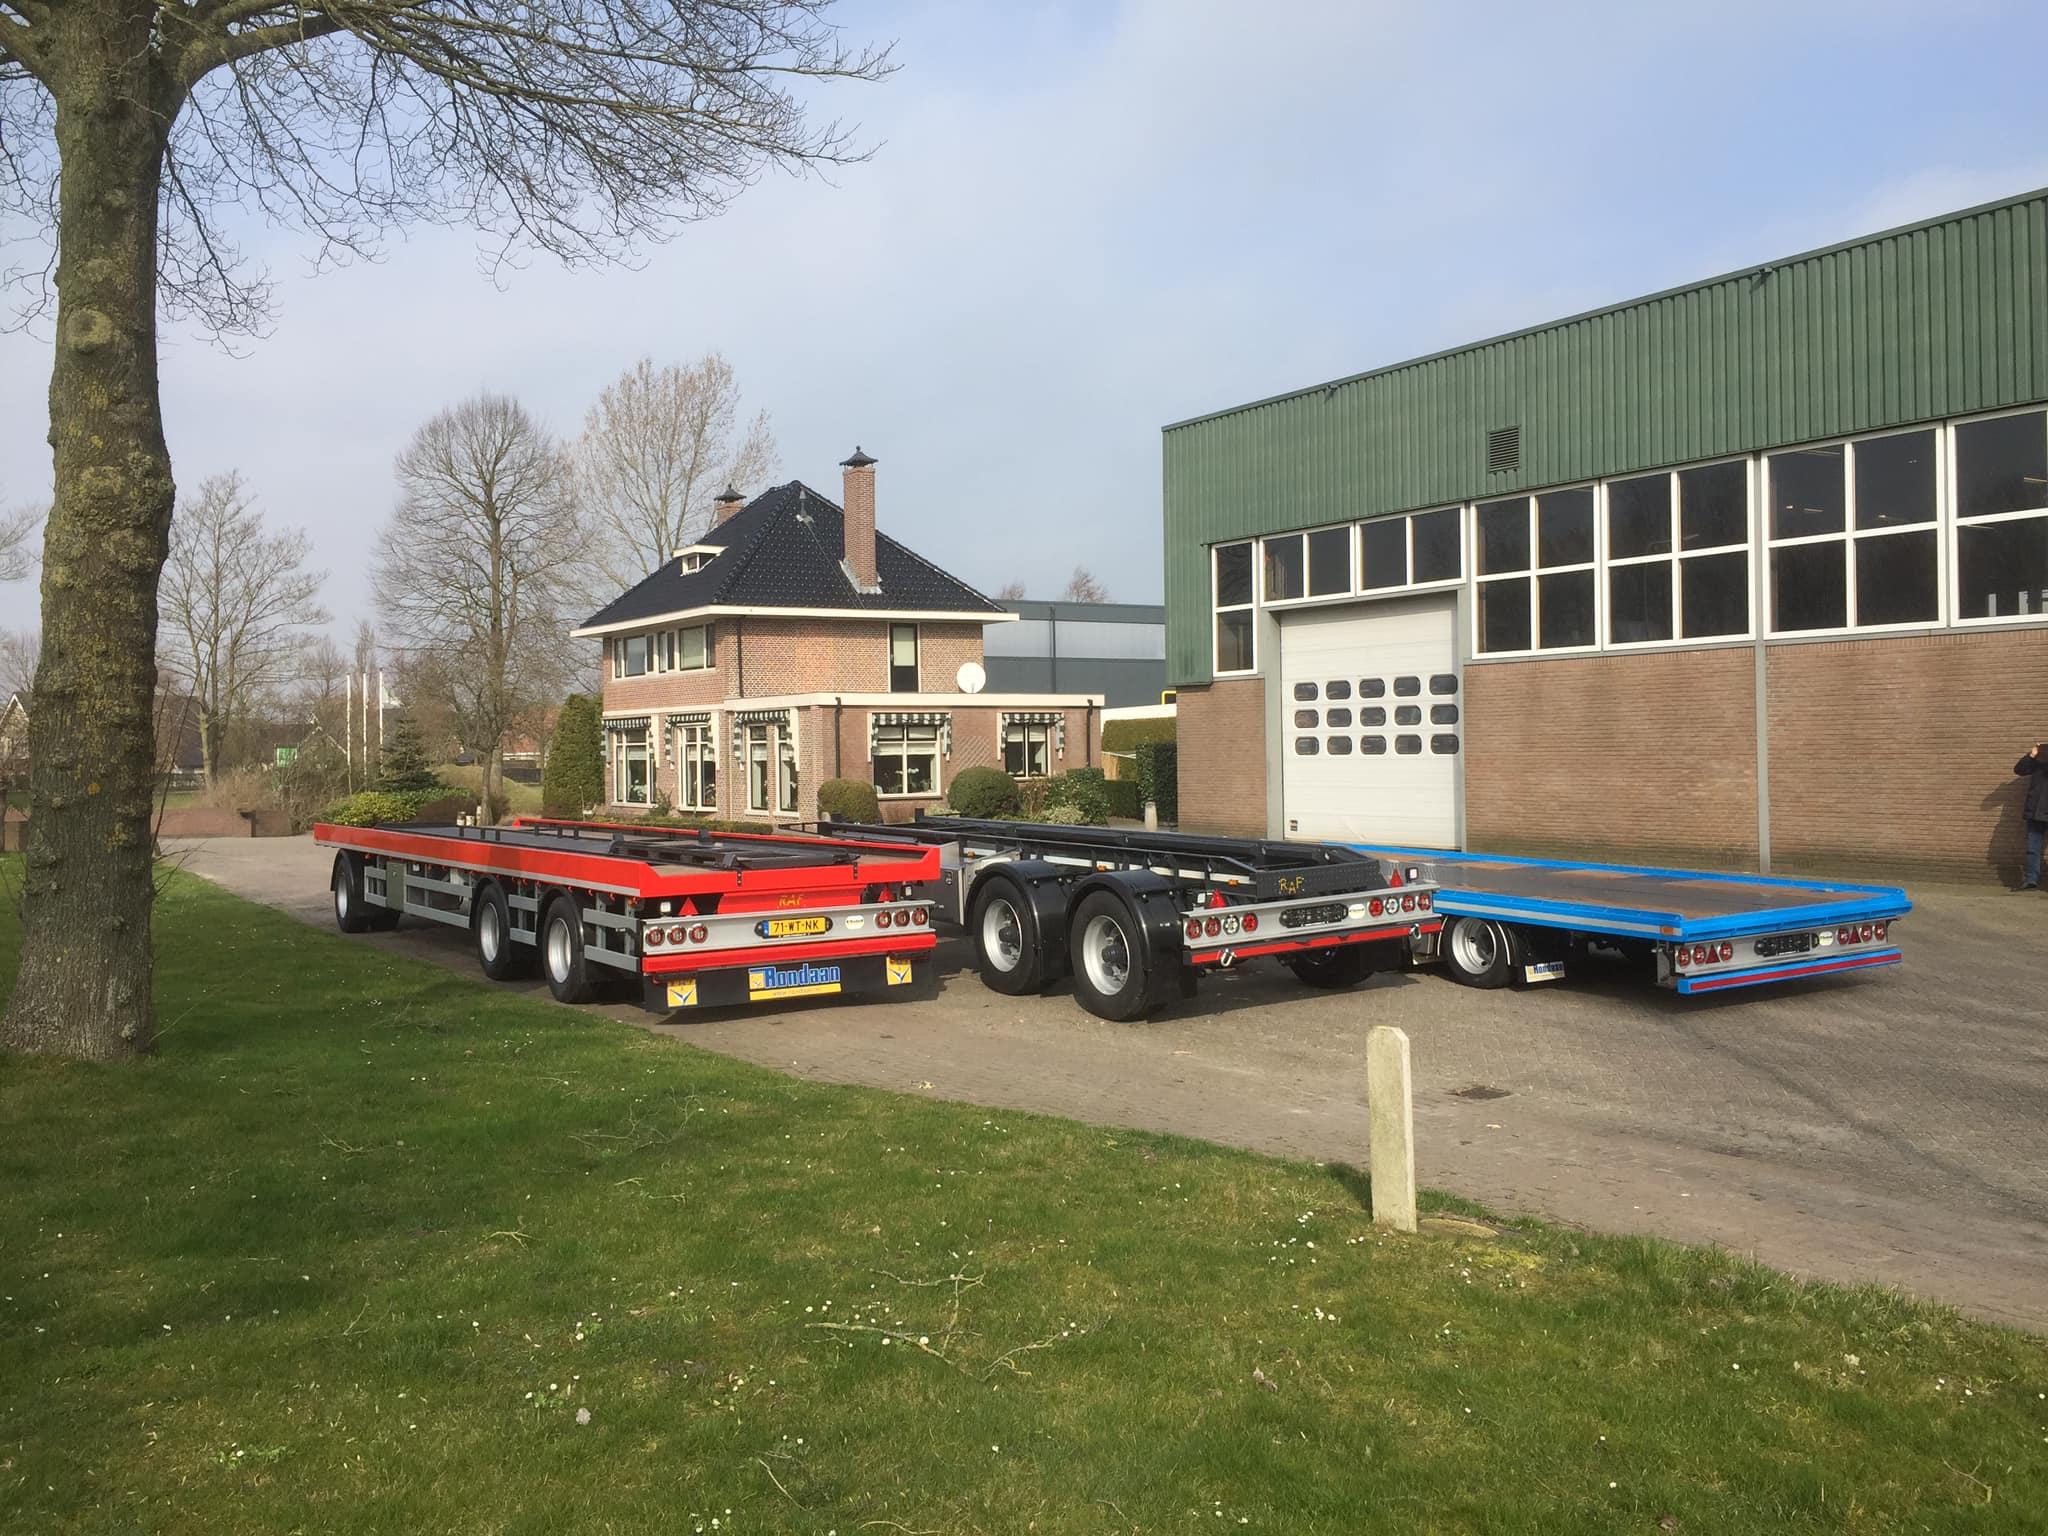 Afgelopen-week-stonden-er-maar-liefst-3-stuks-nieuwe-door-Rondaan-geproduceerde-RAF--Aanhangwagens-klaar-voor-aflevering--13-3-2019-